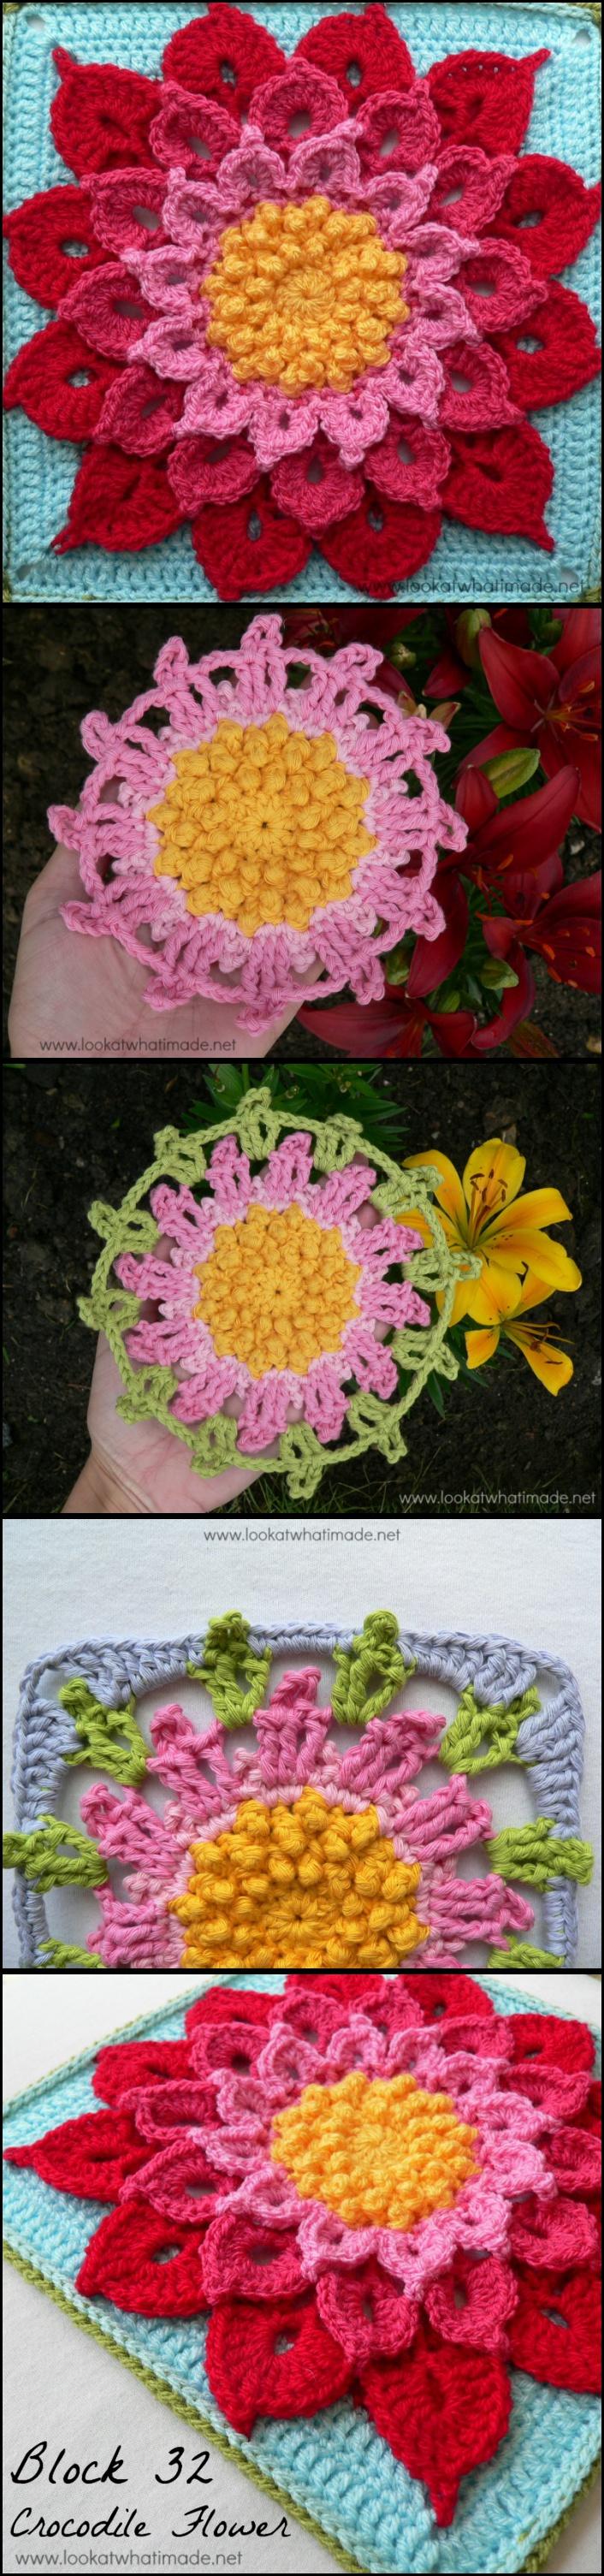 Free Crochet Pattern Crocodile Flower : Crocodile Stitch Afghan Block Crochet Pattern